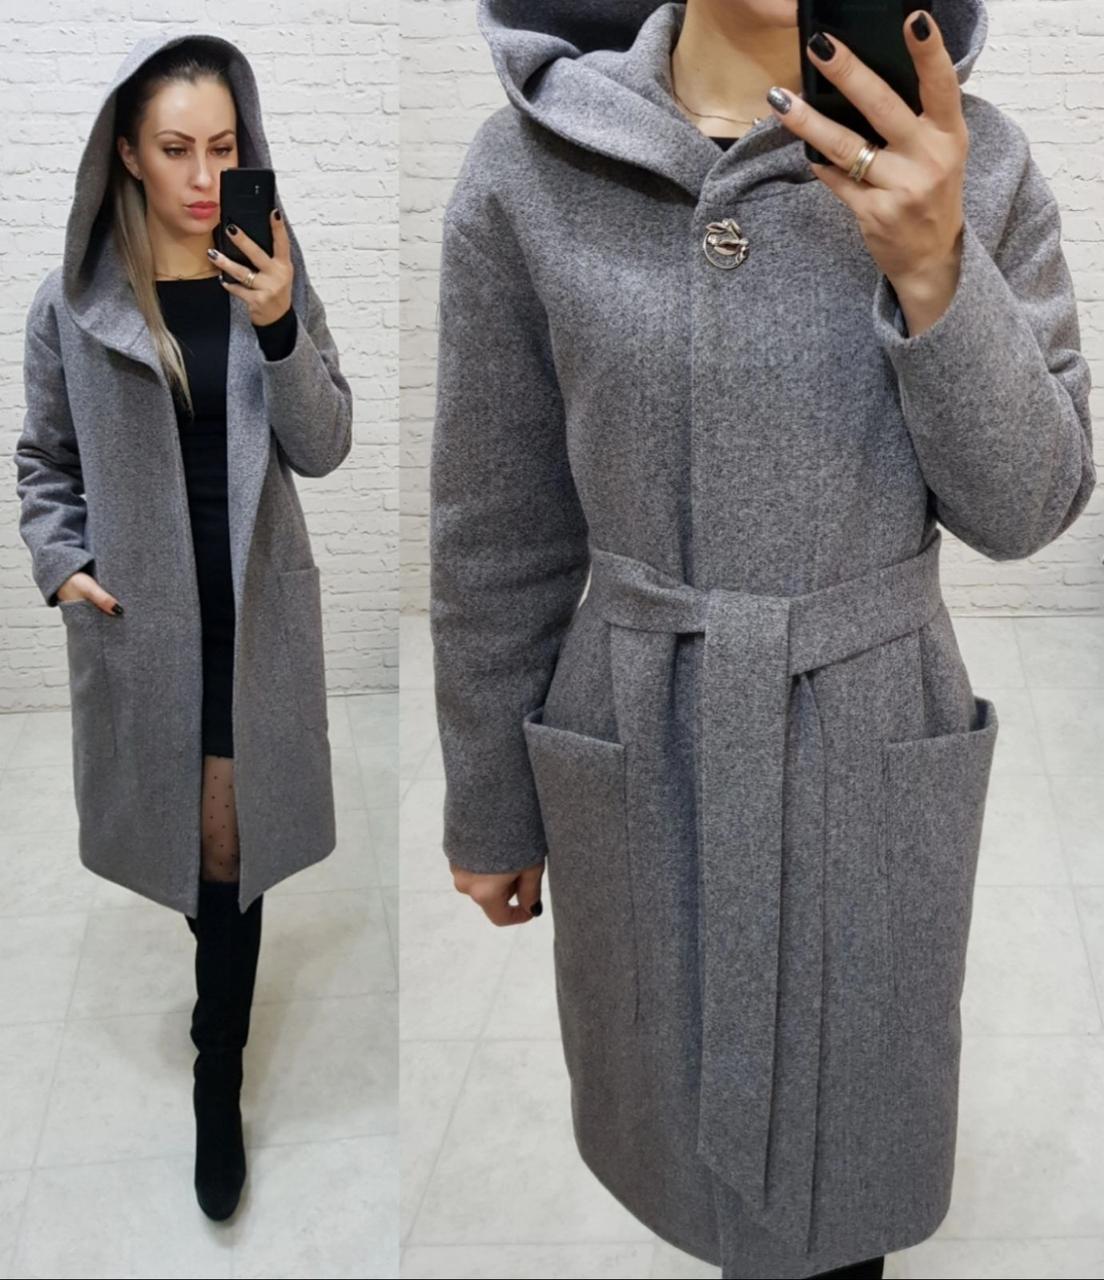 """Утеплённое кашемировое пальто с капюшоном на утеплителе, арт 176, цвет  серый классика (8): продажа, цена в Одессе. пальто женские от """"Интернет  магазин женской одежды """"MaLika"""""""" - 1080108393"""